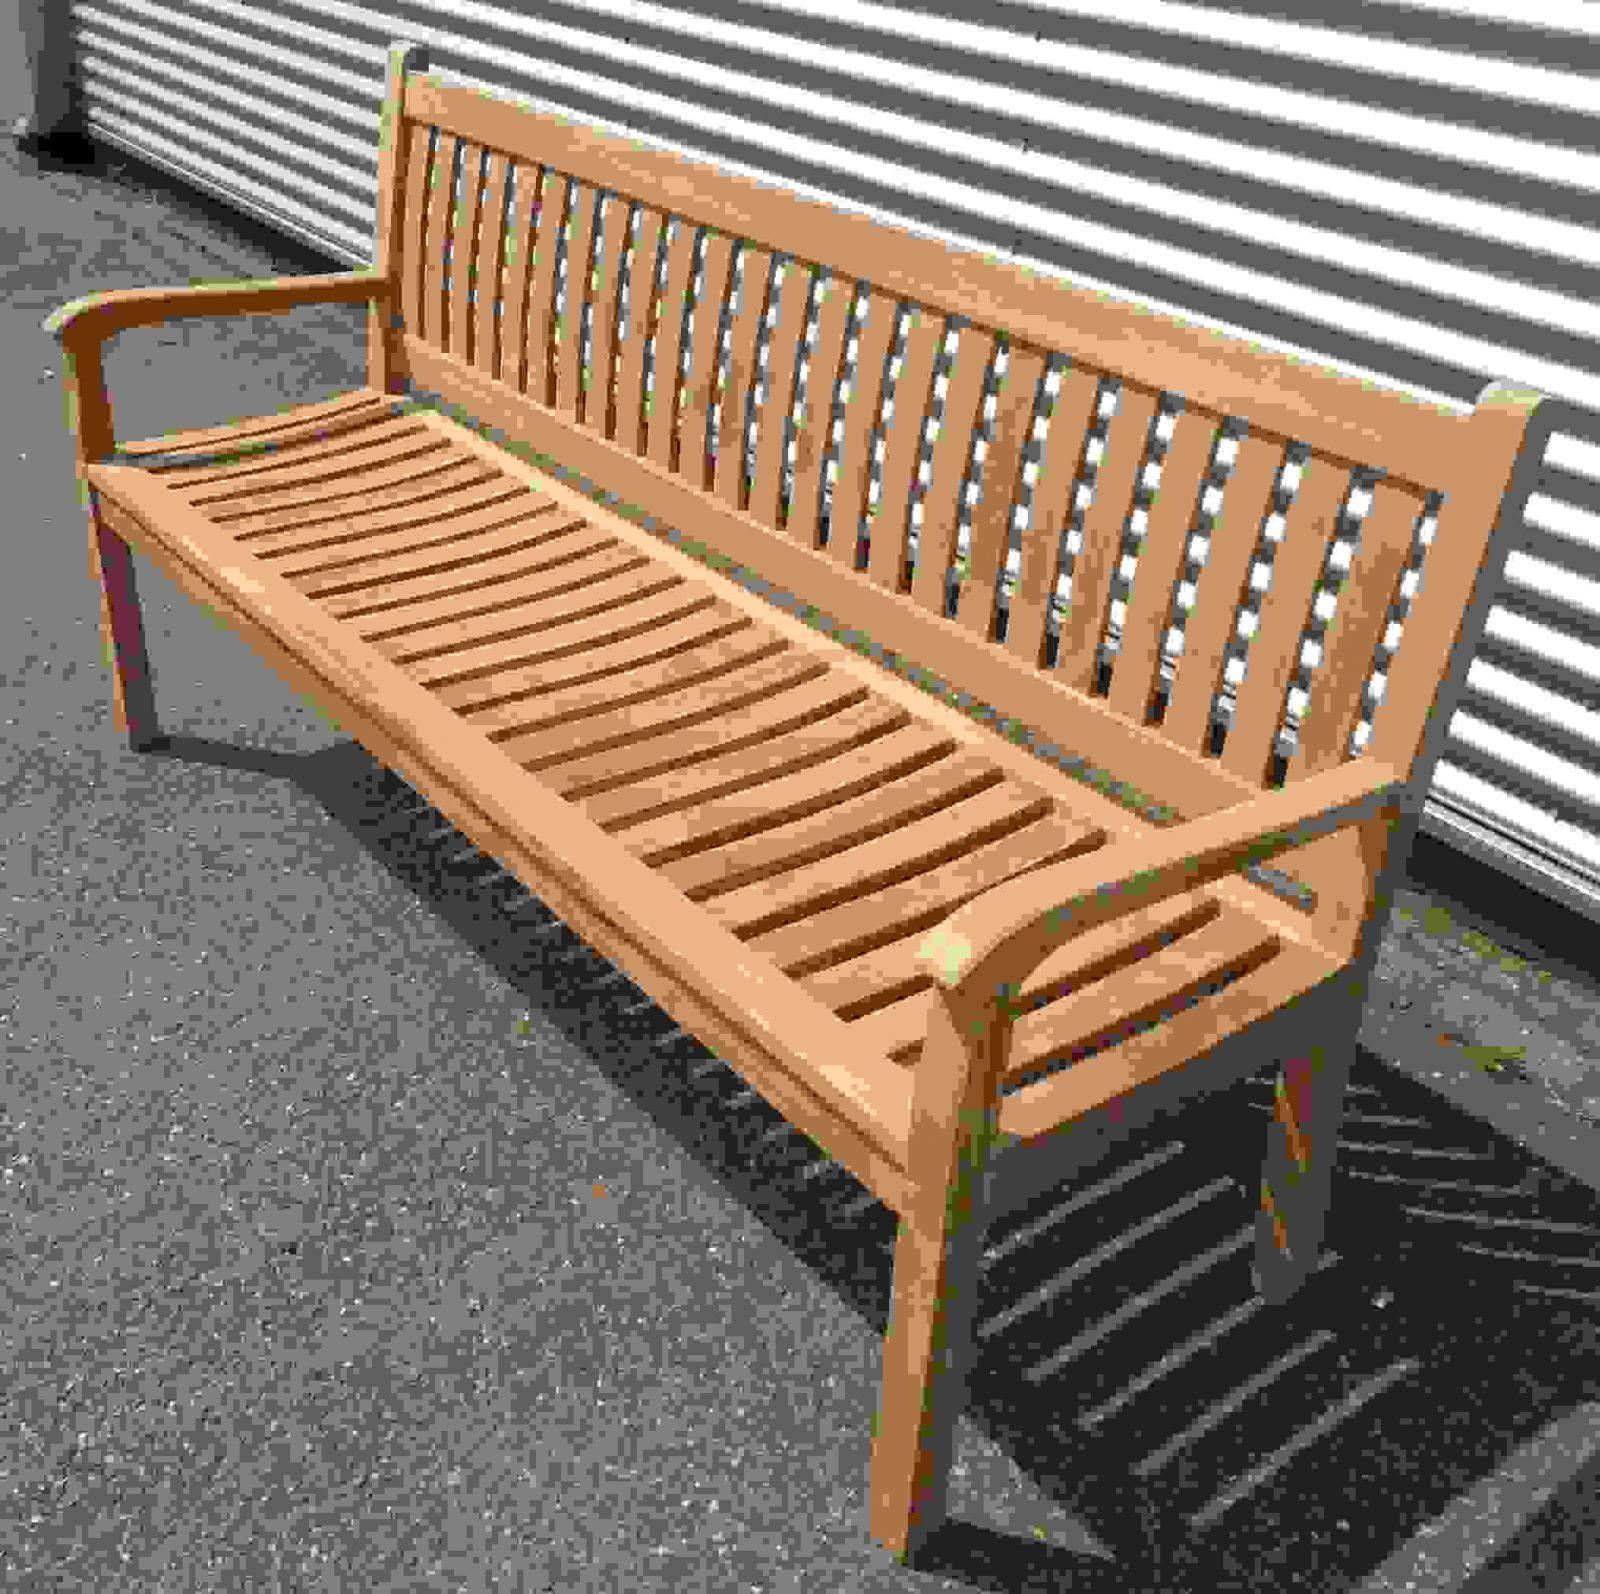 Teak Holz Gartenbank 180 Cm Beaufort Ist Frisch Design Von von Gartenbank Holz Ohne Armlehne Photo